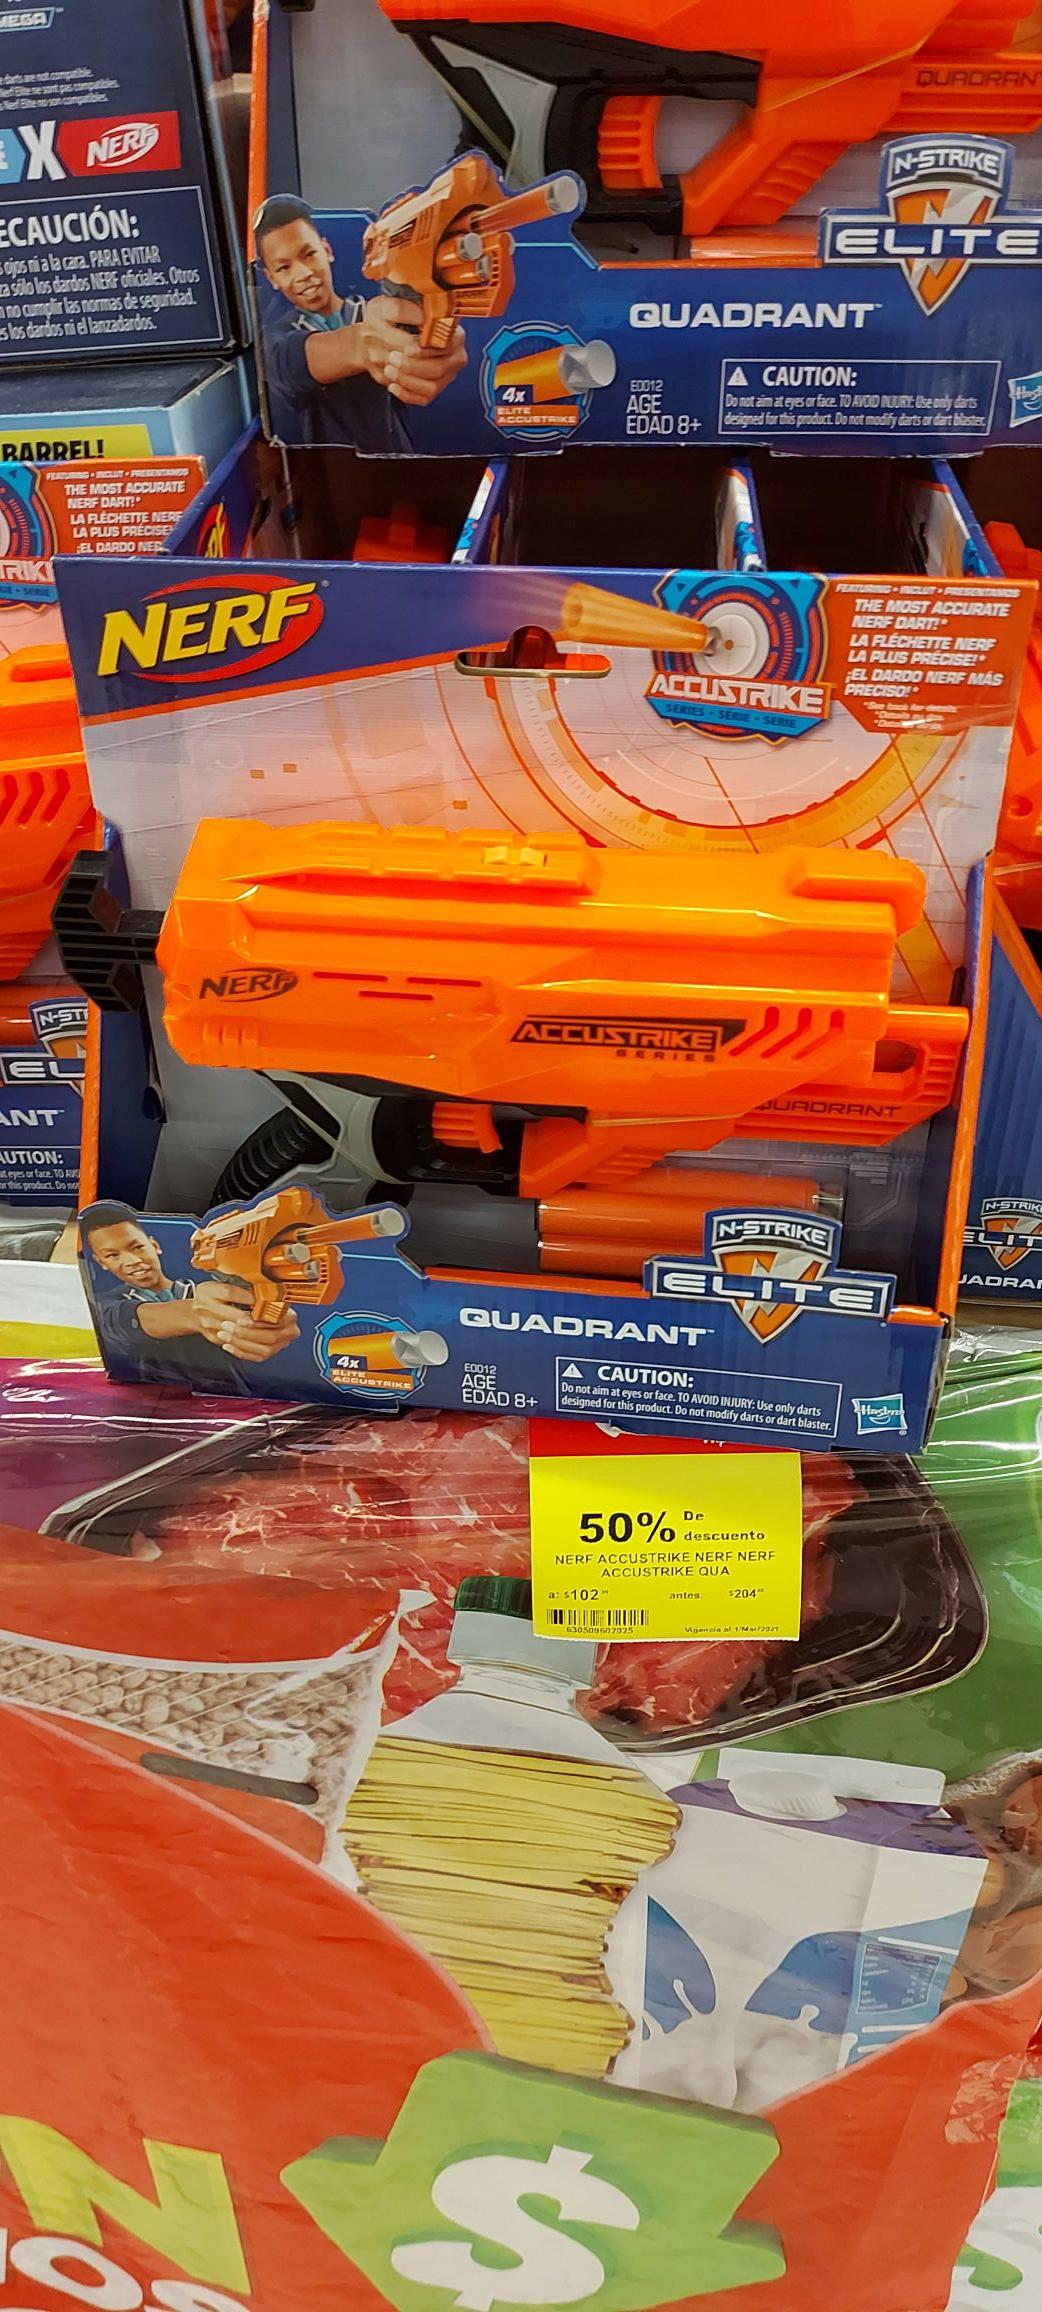 Pistola nerf en soriana Bella vista en Acapulco